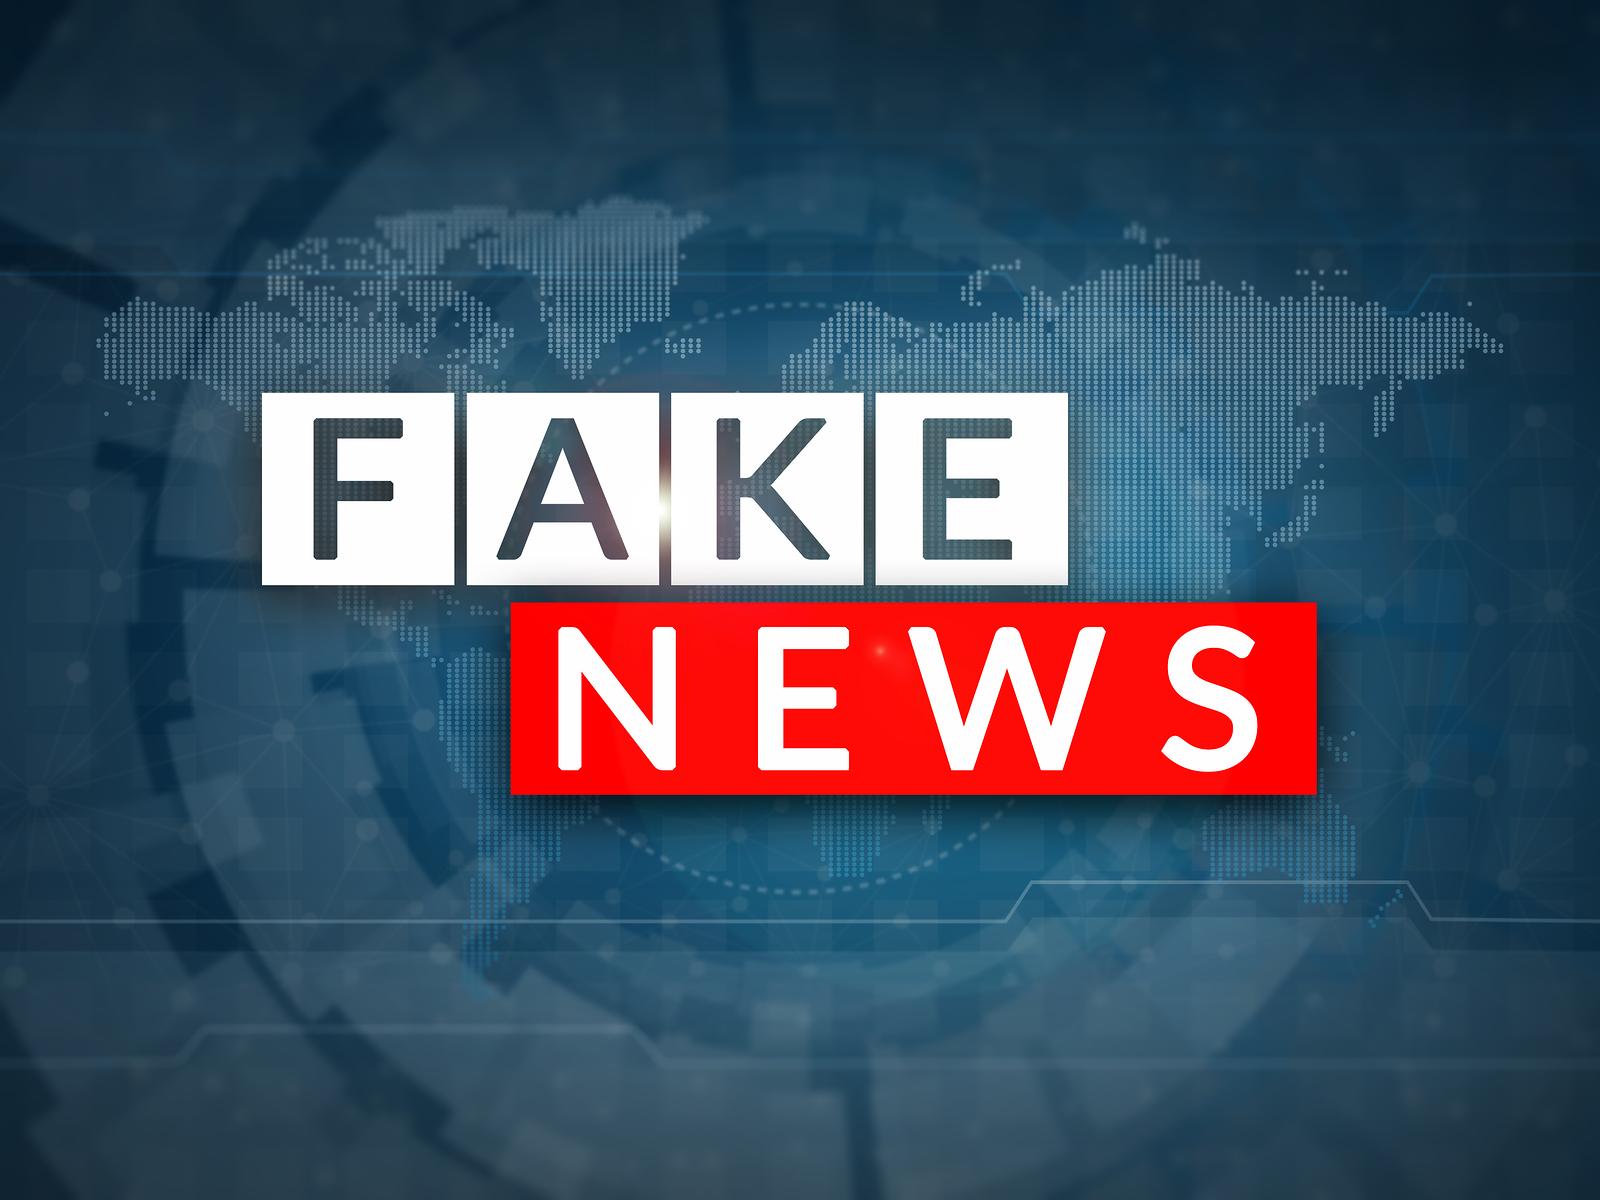 Unitățile britanice care luptă împotriva dezinformării online se confruntă cu până la 10 articole fake news pe zi